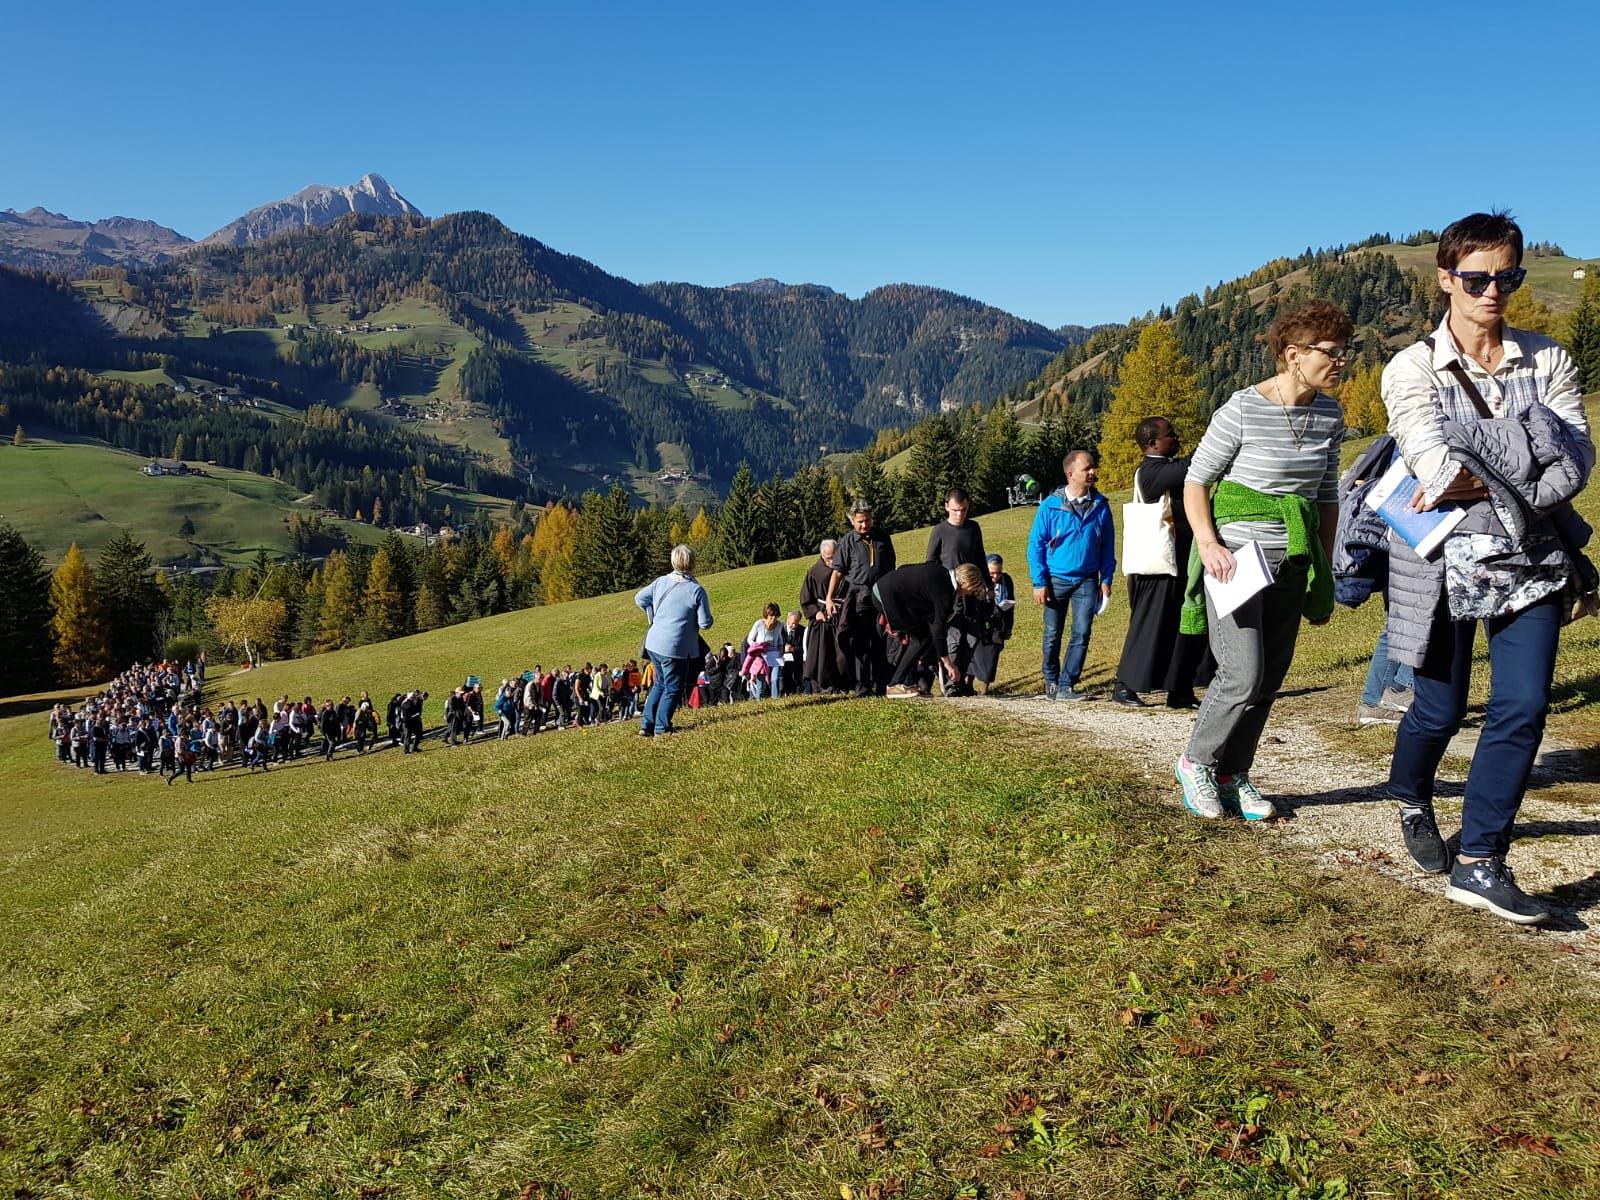 SVD - Pellegrinaggio diocesano Oies 2019